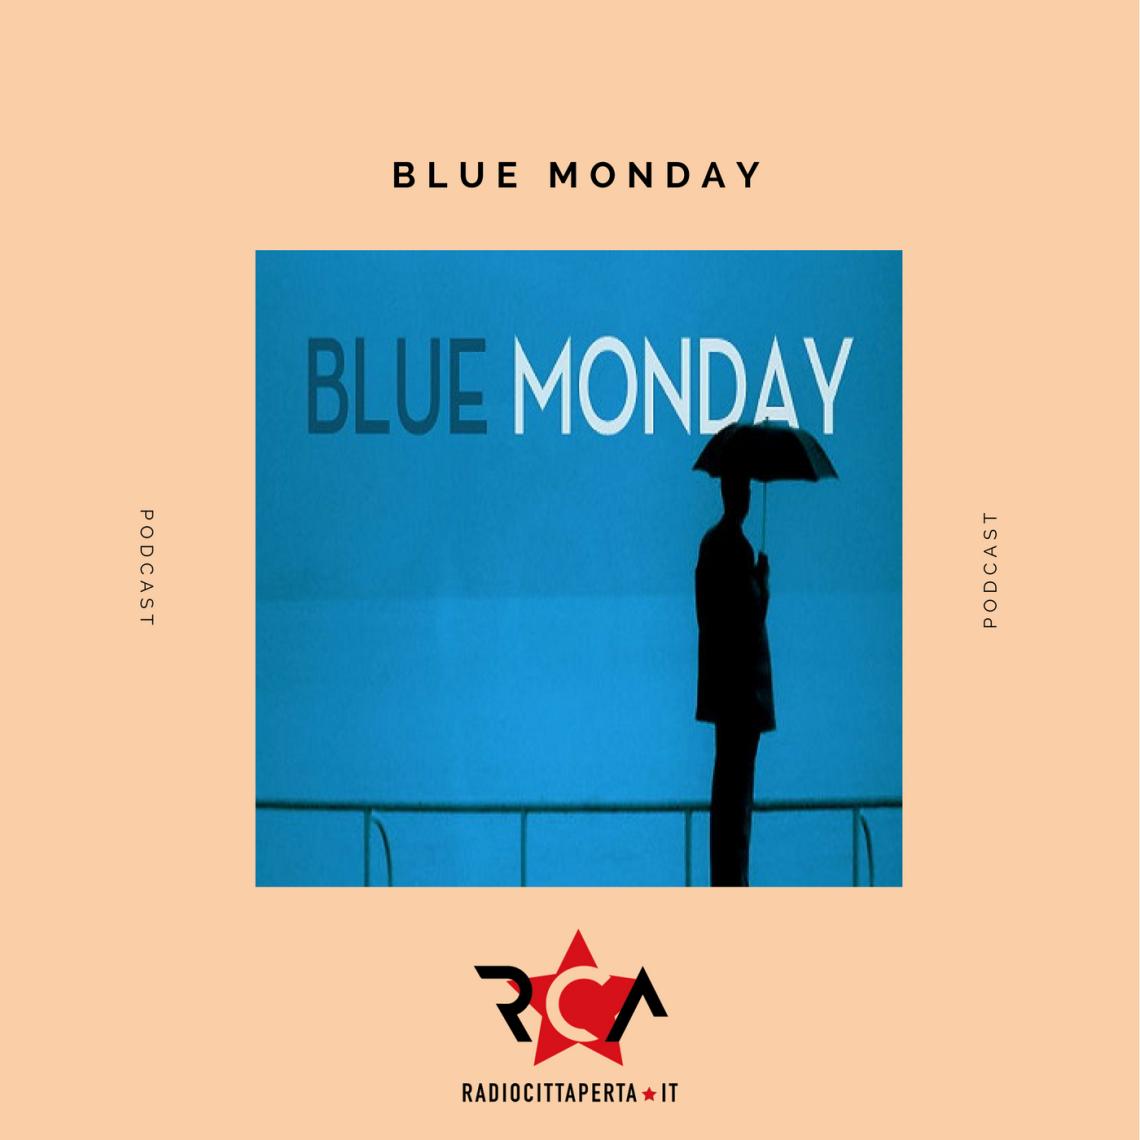 BLUE MONDAY con GIANLUCA POLVERARI del 29-01-2018